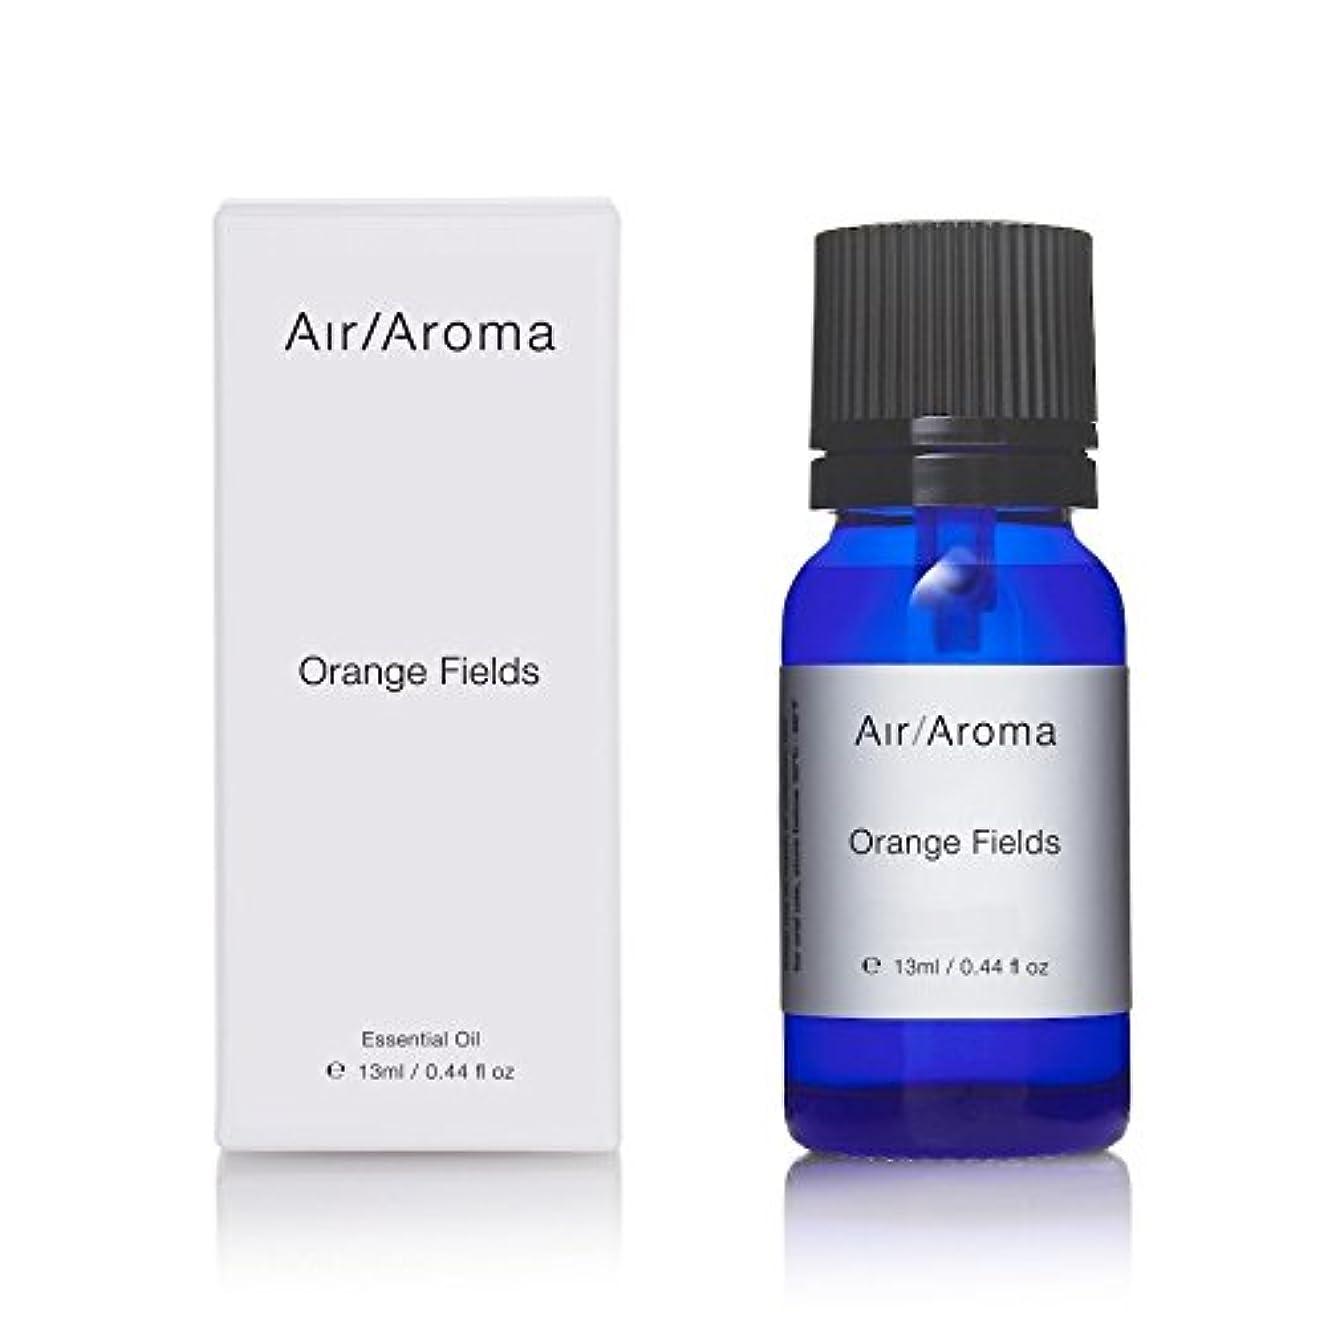 ブリード落ち着く理解エアアロマ orange fields (オレンジフィールド) 13ml